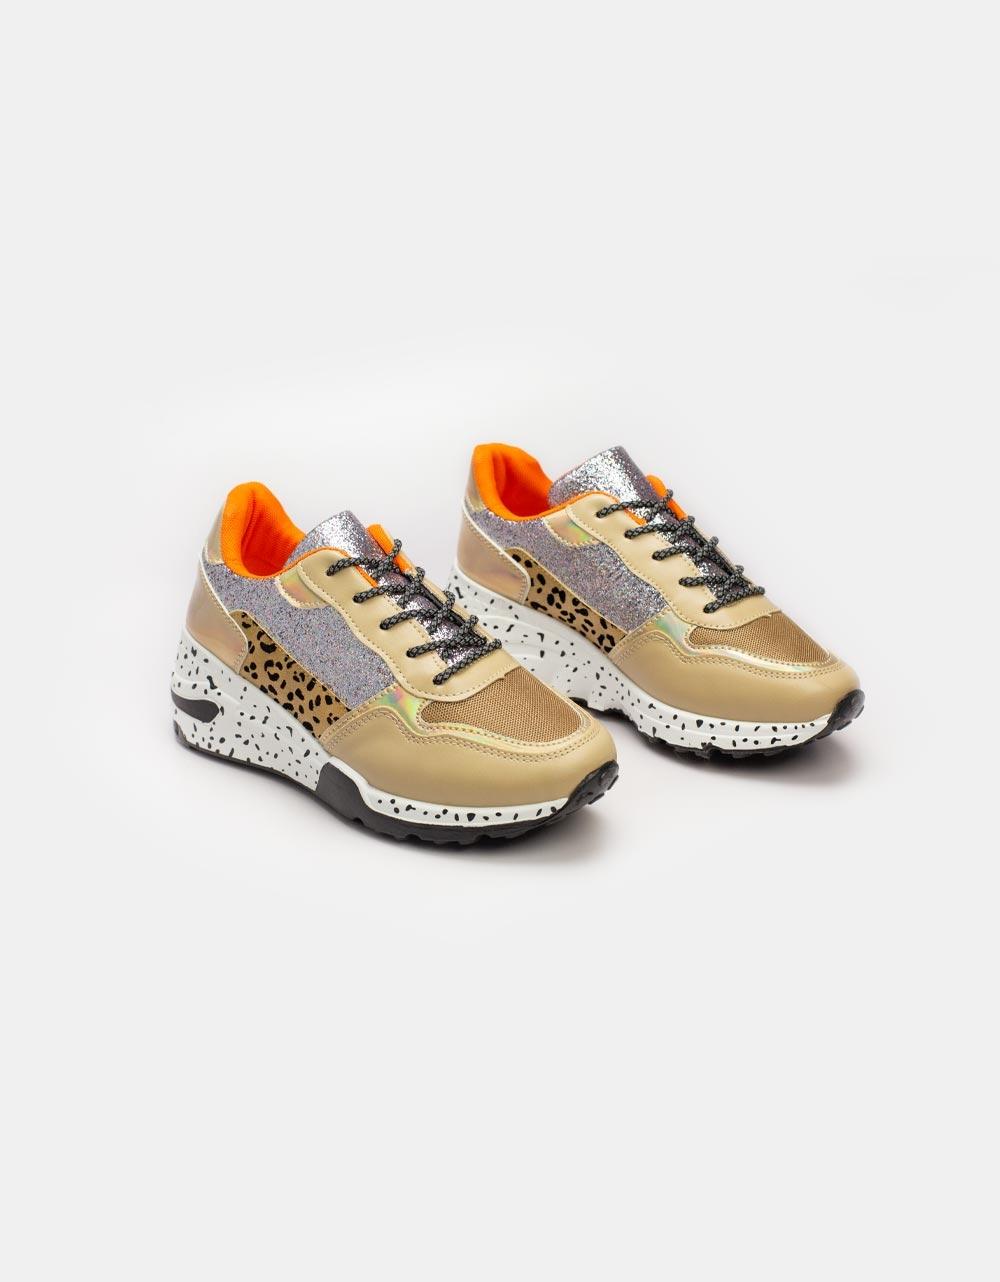 Εικόνα από Γυναικεία sneakers με glitter και λεπτομέρειες Μπεζ